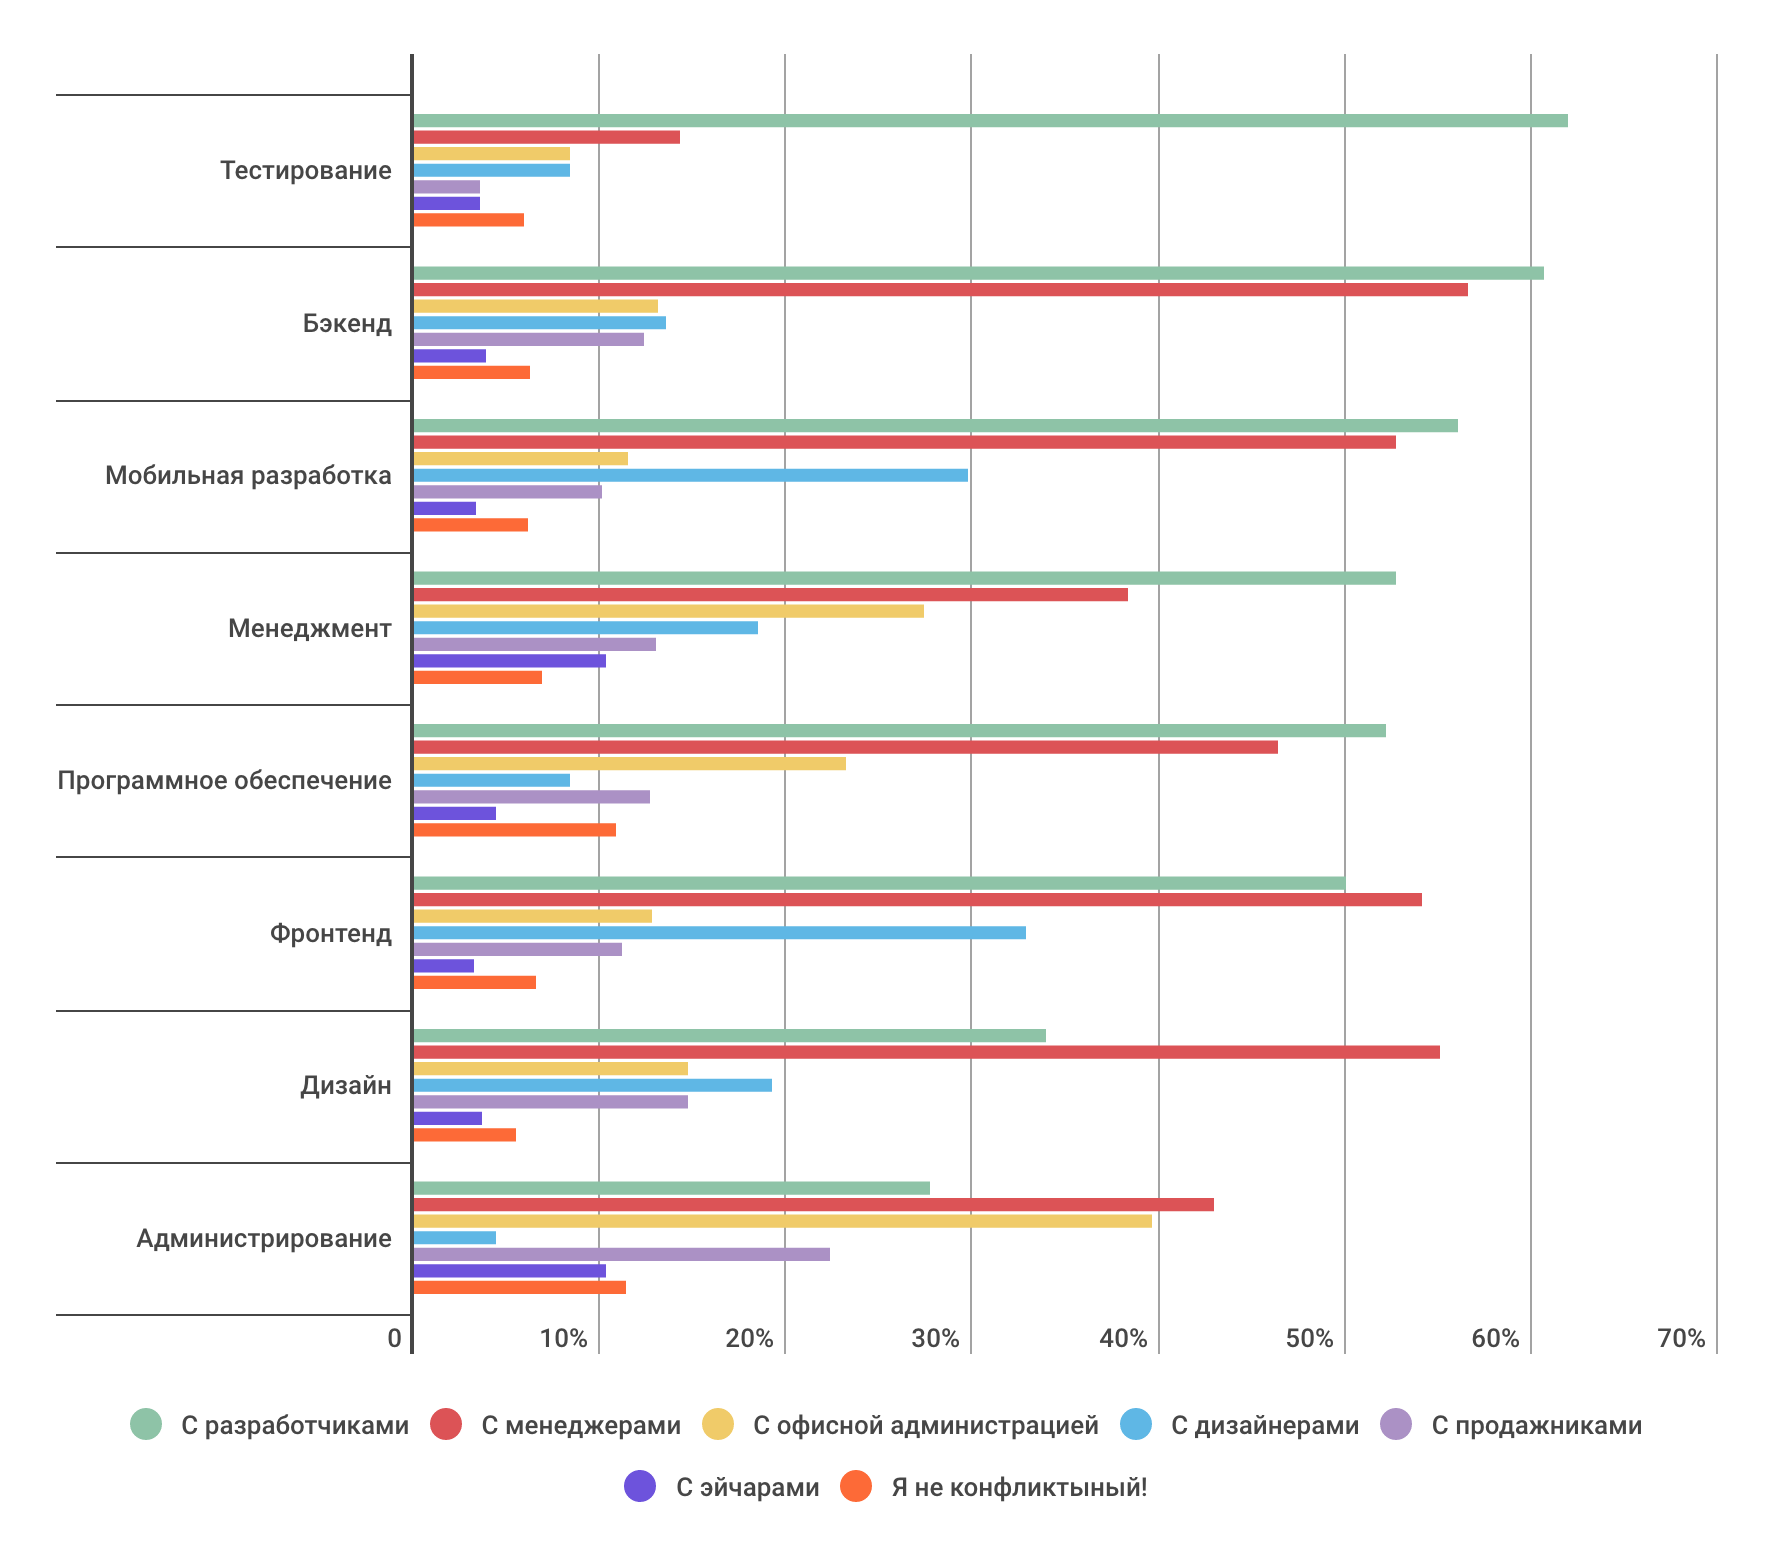 Насколько разработчики конфликтные — инфографика по результатам опроса на «Моем круге» - 9